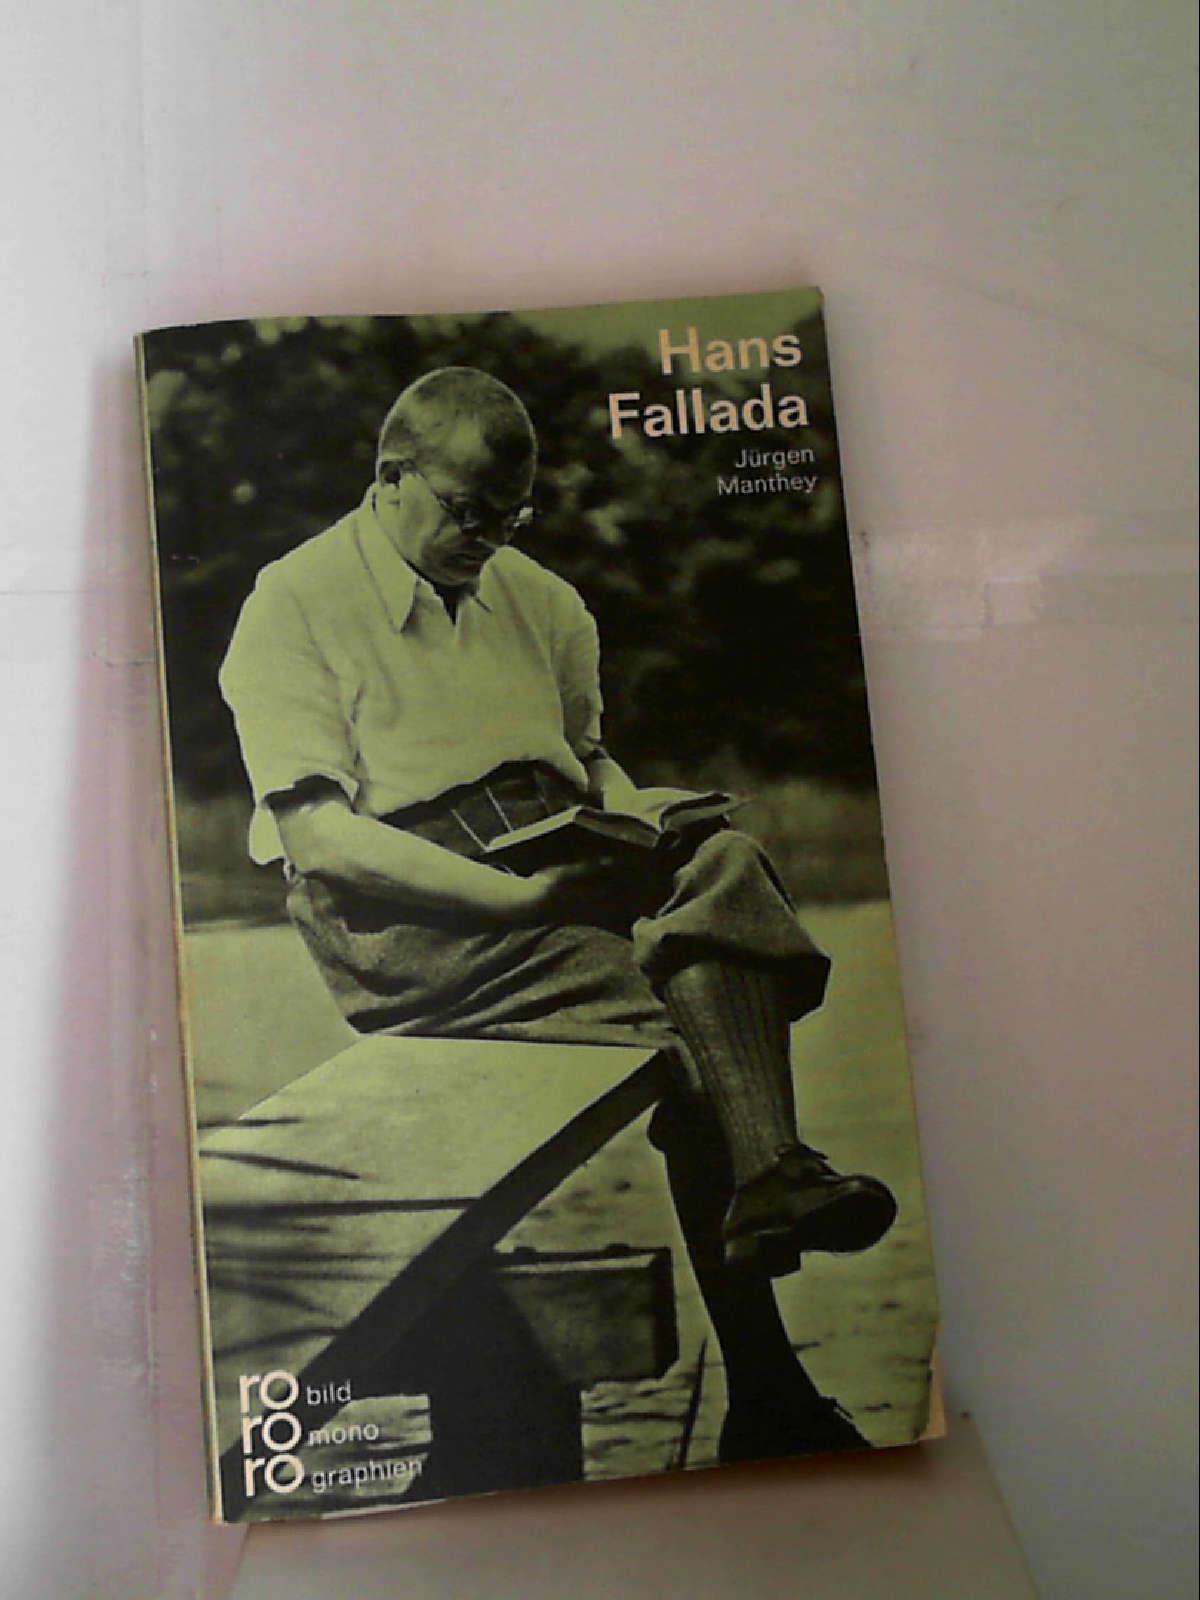 Hans Fallada: In Selbstzeugnissen und Bilddokumenten [Paperback] Manthey, Jürgen - Jürgen Manthey